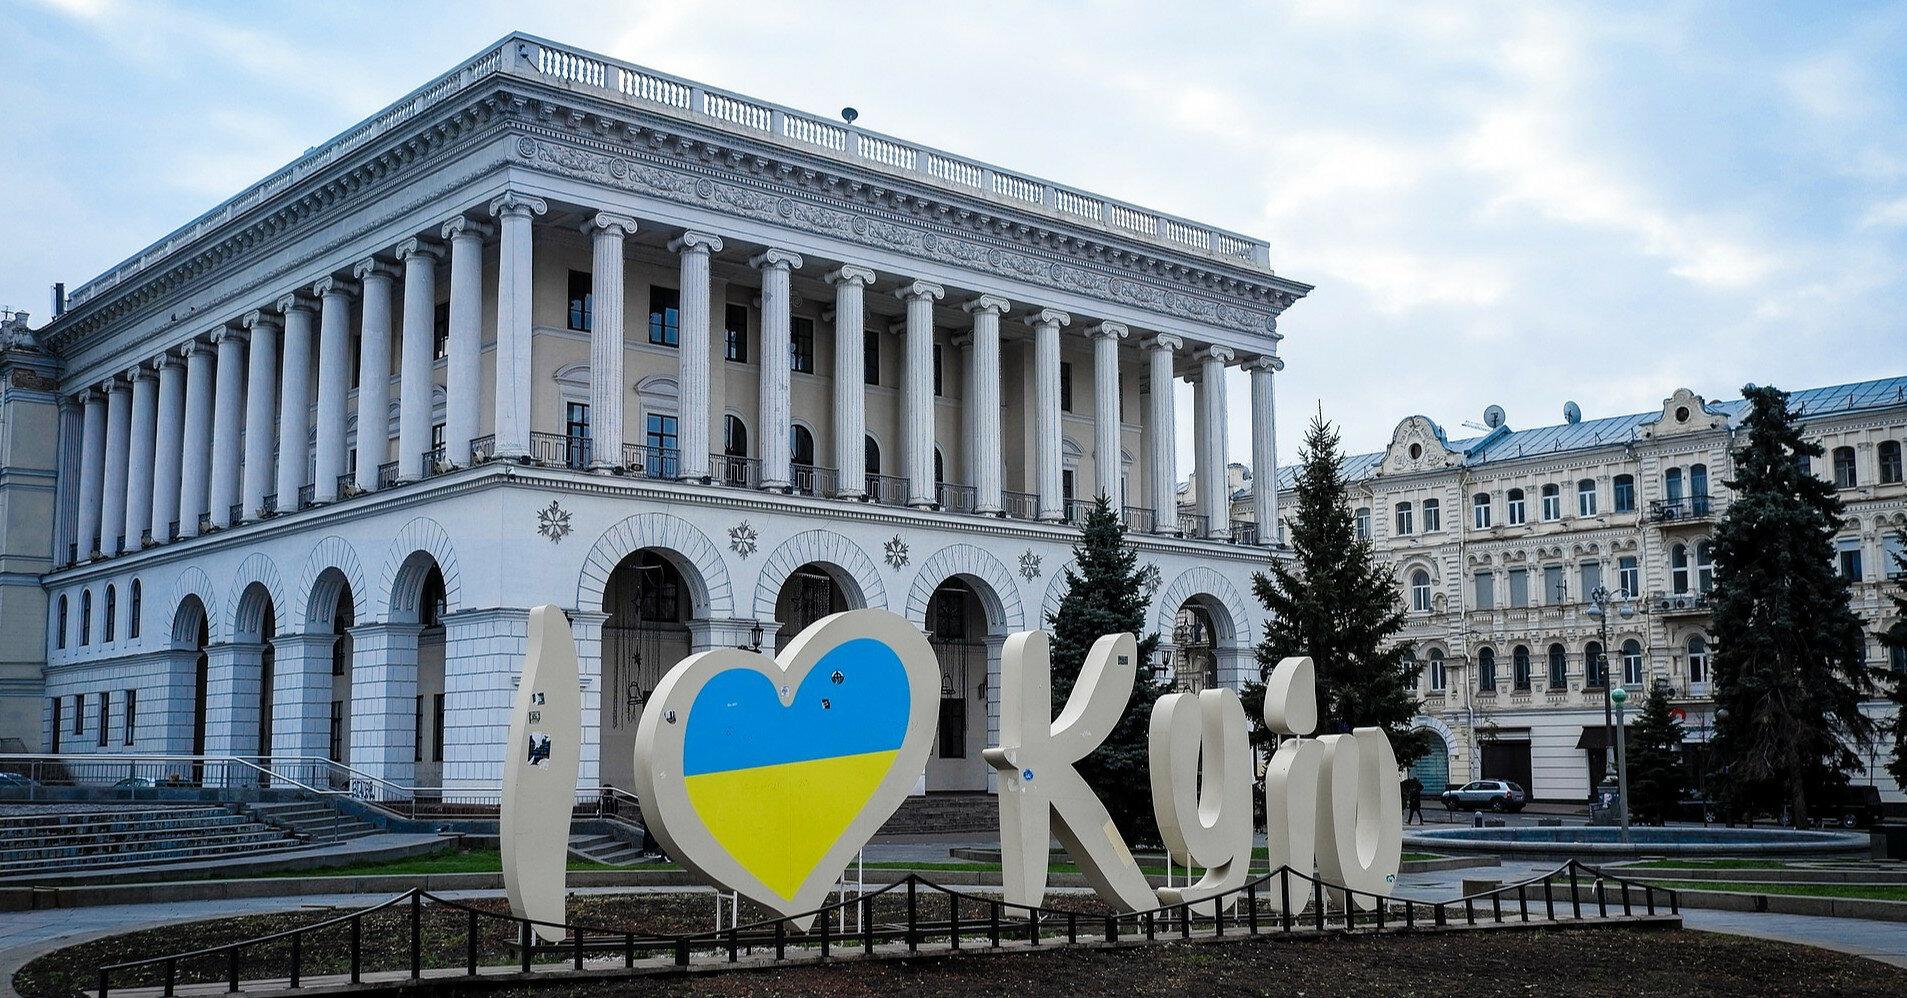 Строительство Киевской обходной дороги: от обещаний к реальным шагам